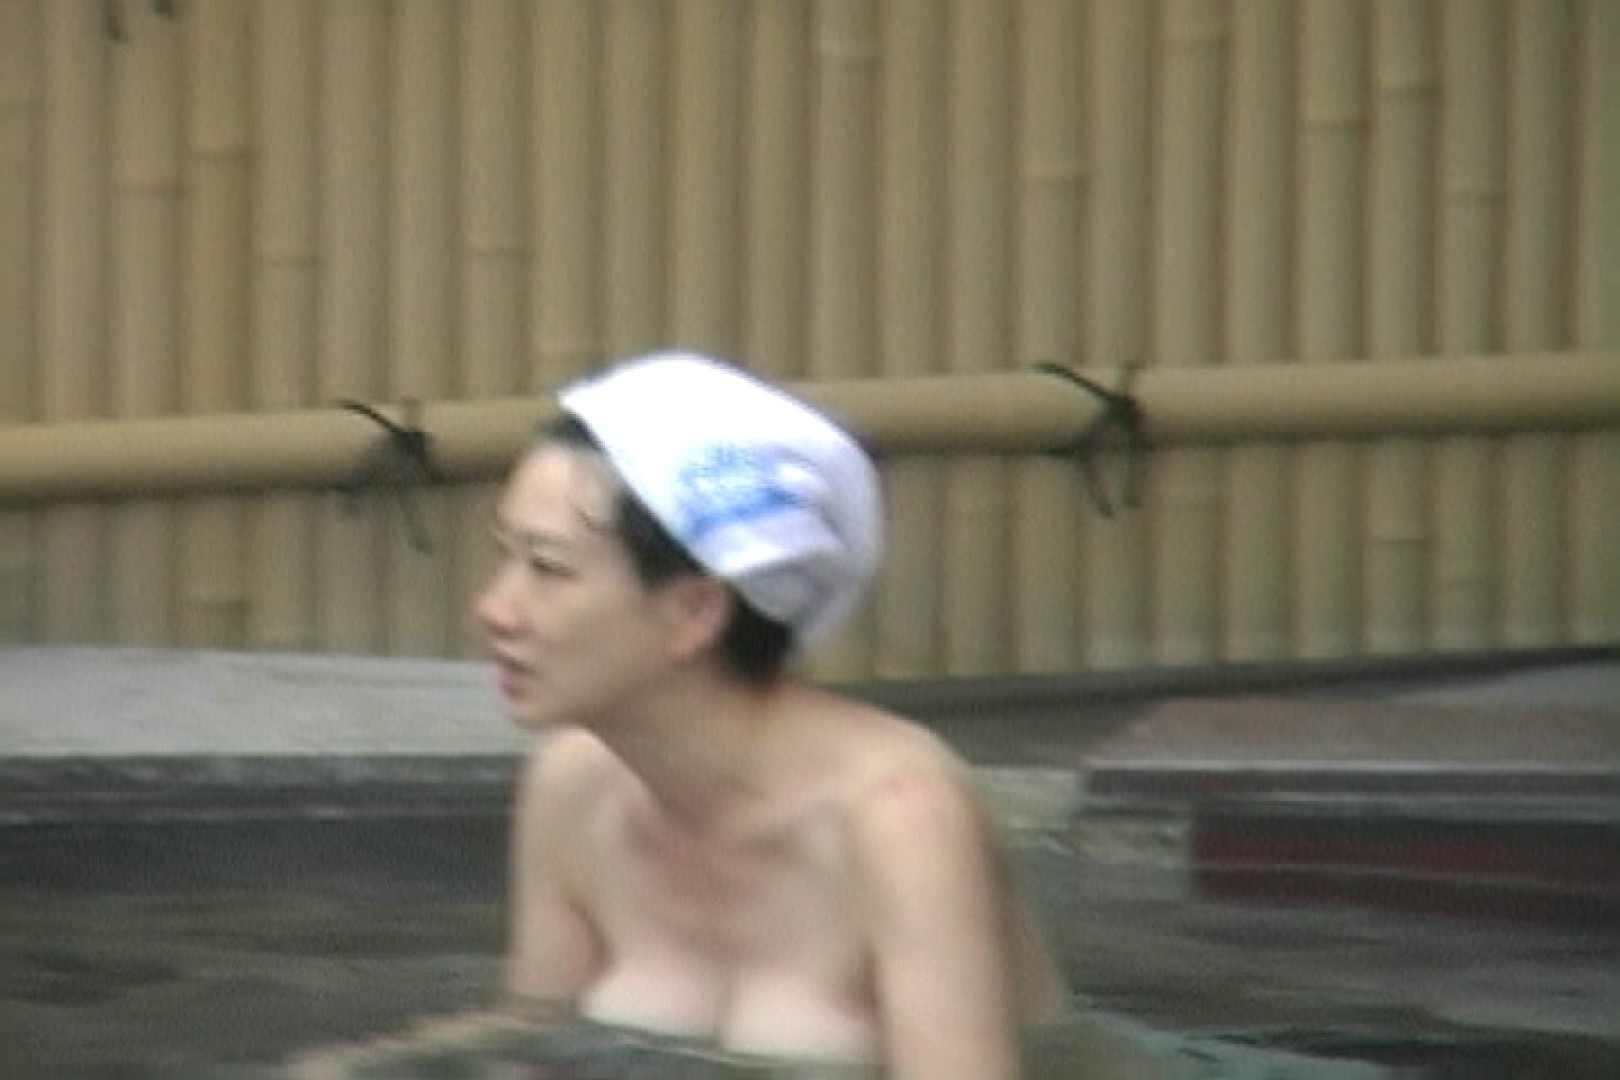 Aquaな露天風呂Vol.547 盗撮動画 | 露天風呂  11枚 5